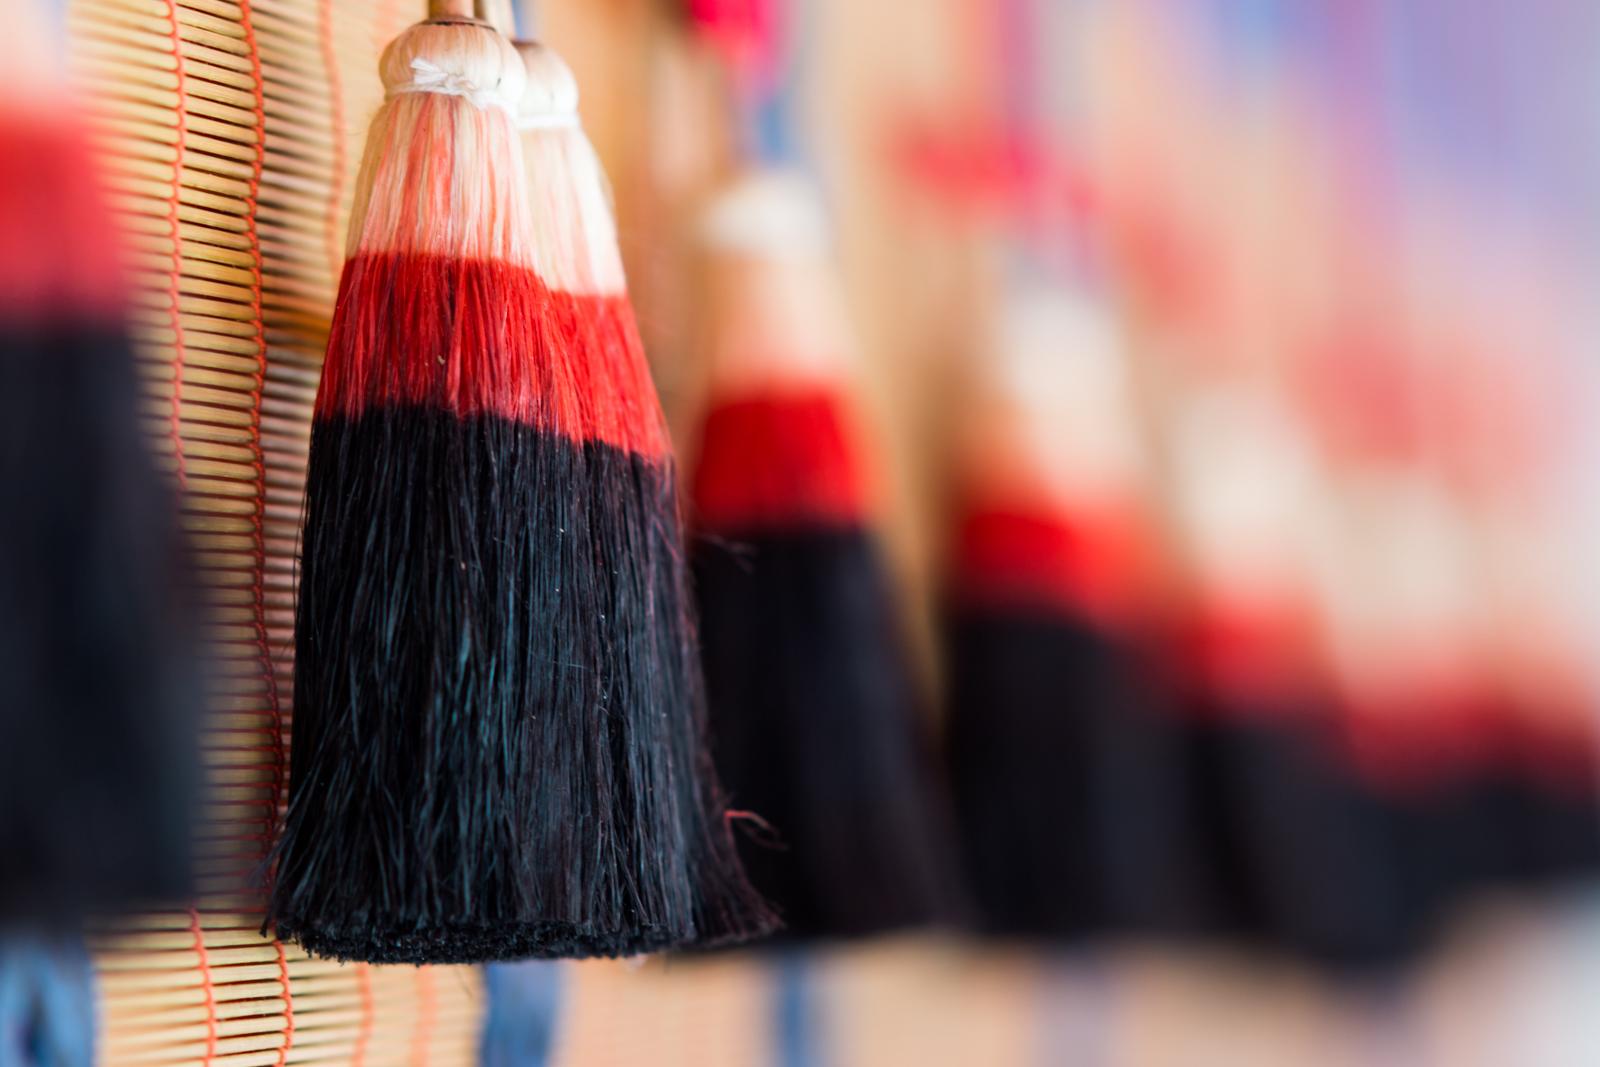 京都にて奥行きがある構図で撮影した神社の飾りの写真